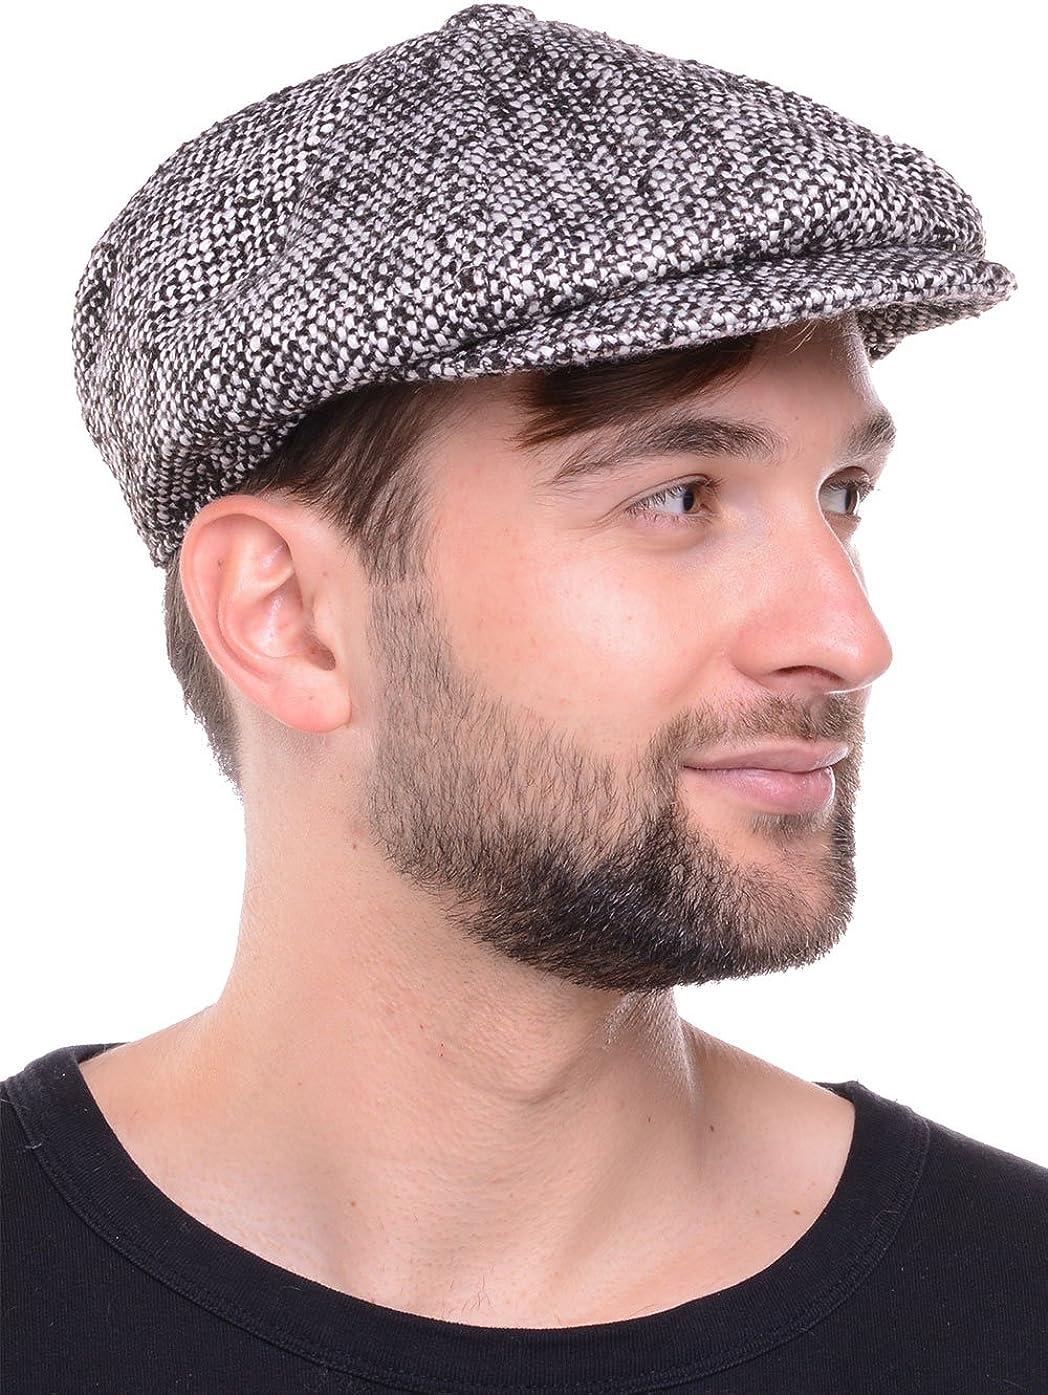 Superora Schieberm/ütze Flatcap Schirmm/ützen Gatsby Barett Cap Herren Fr/ühling und Sommer